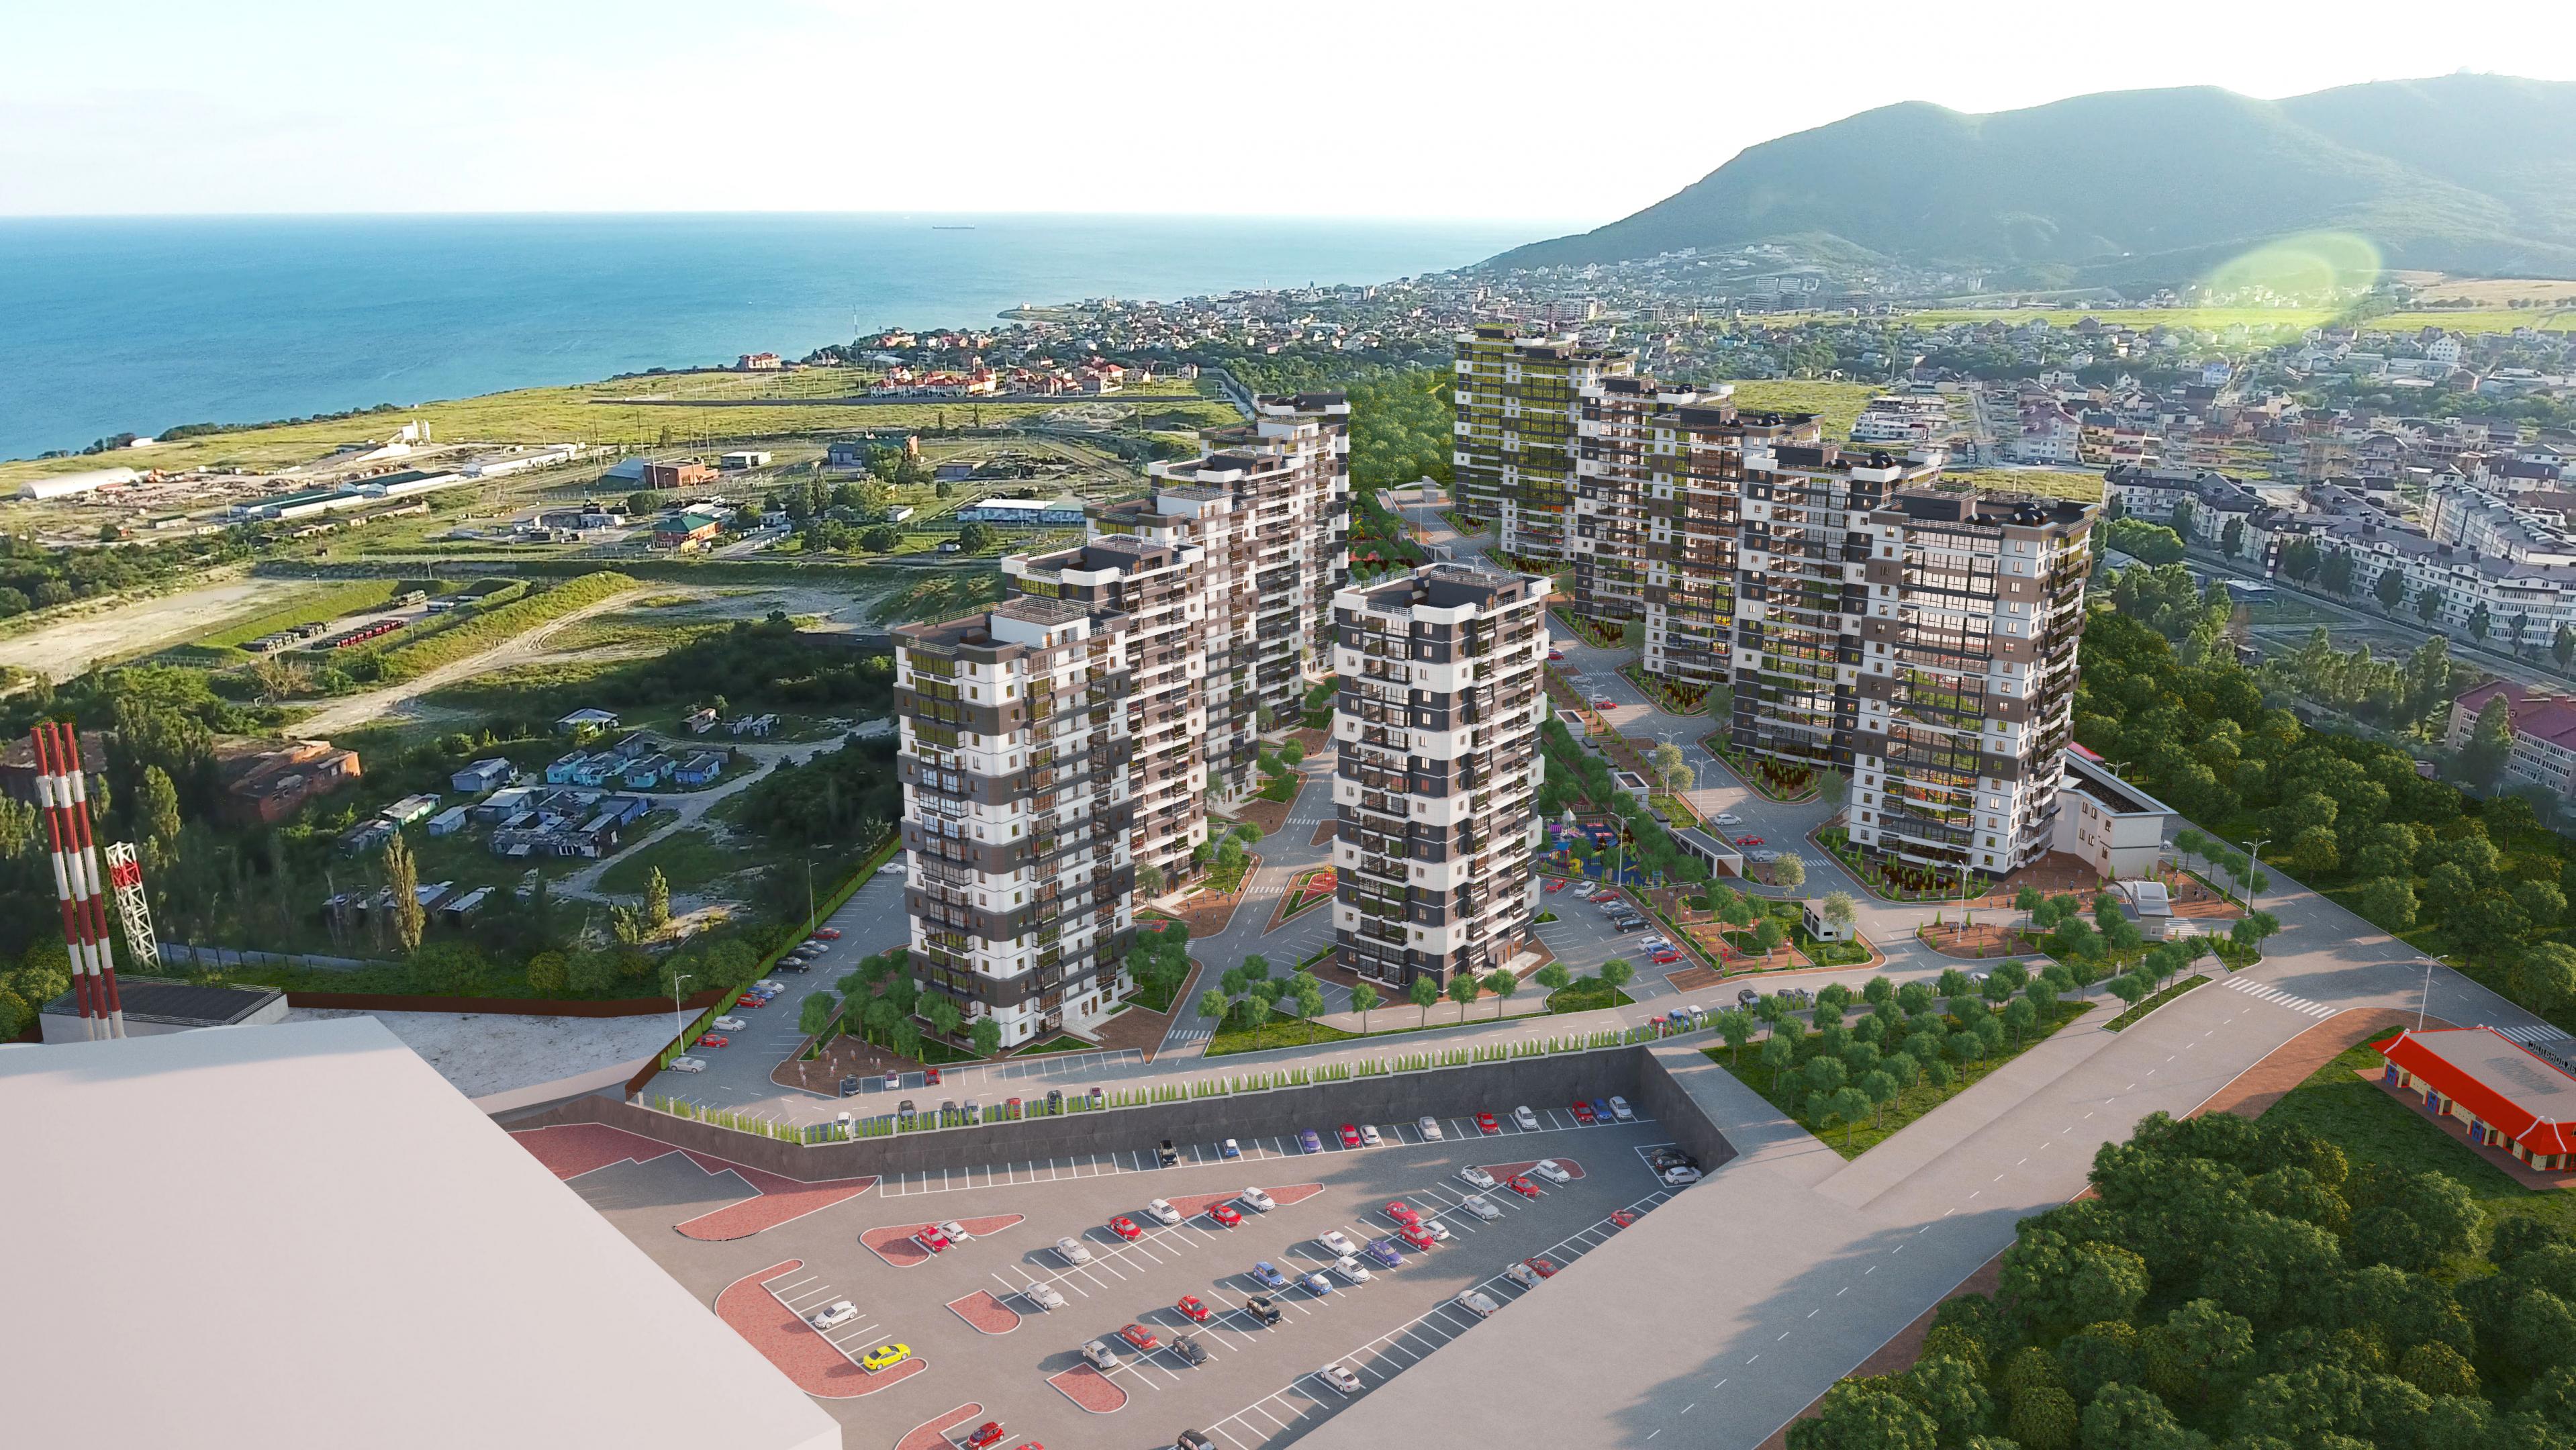 Visualizzazione dell 39 architettura 3d dell 39 area for Architettura 3d